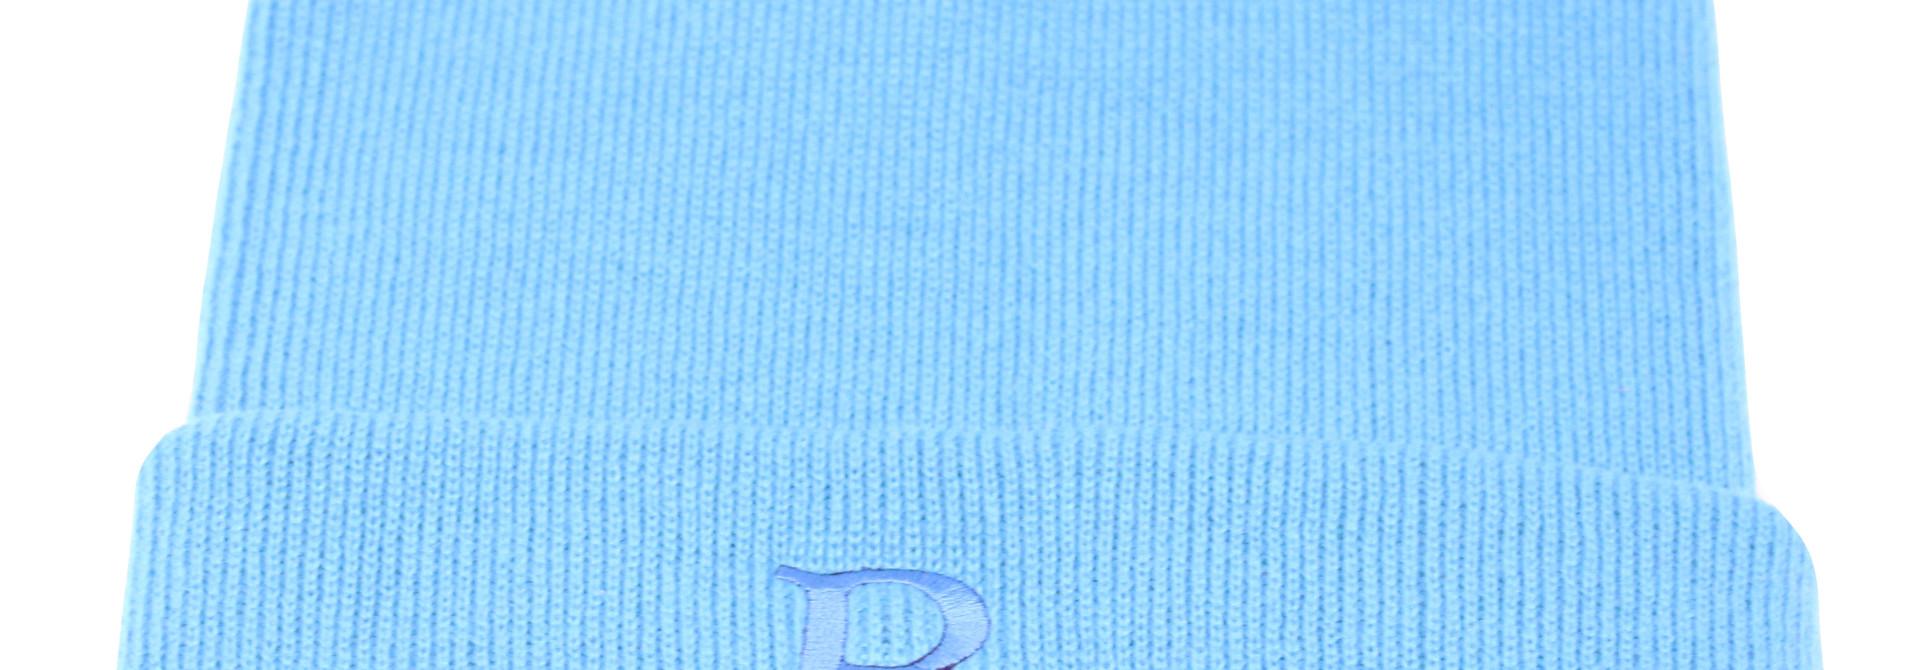 BC Neon Blue Beanie